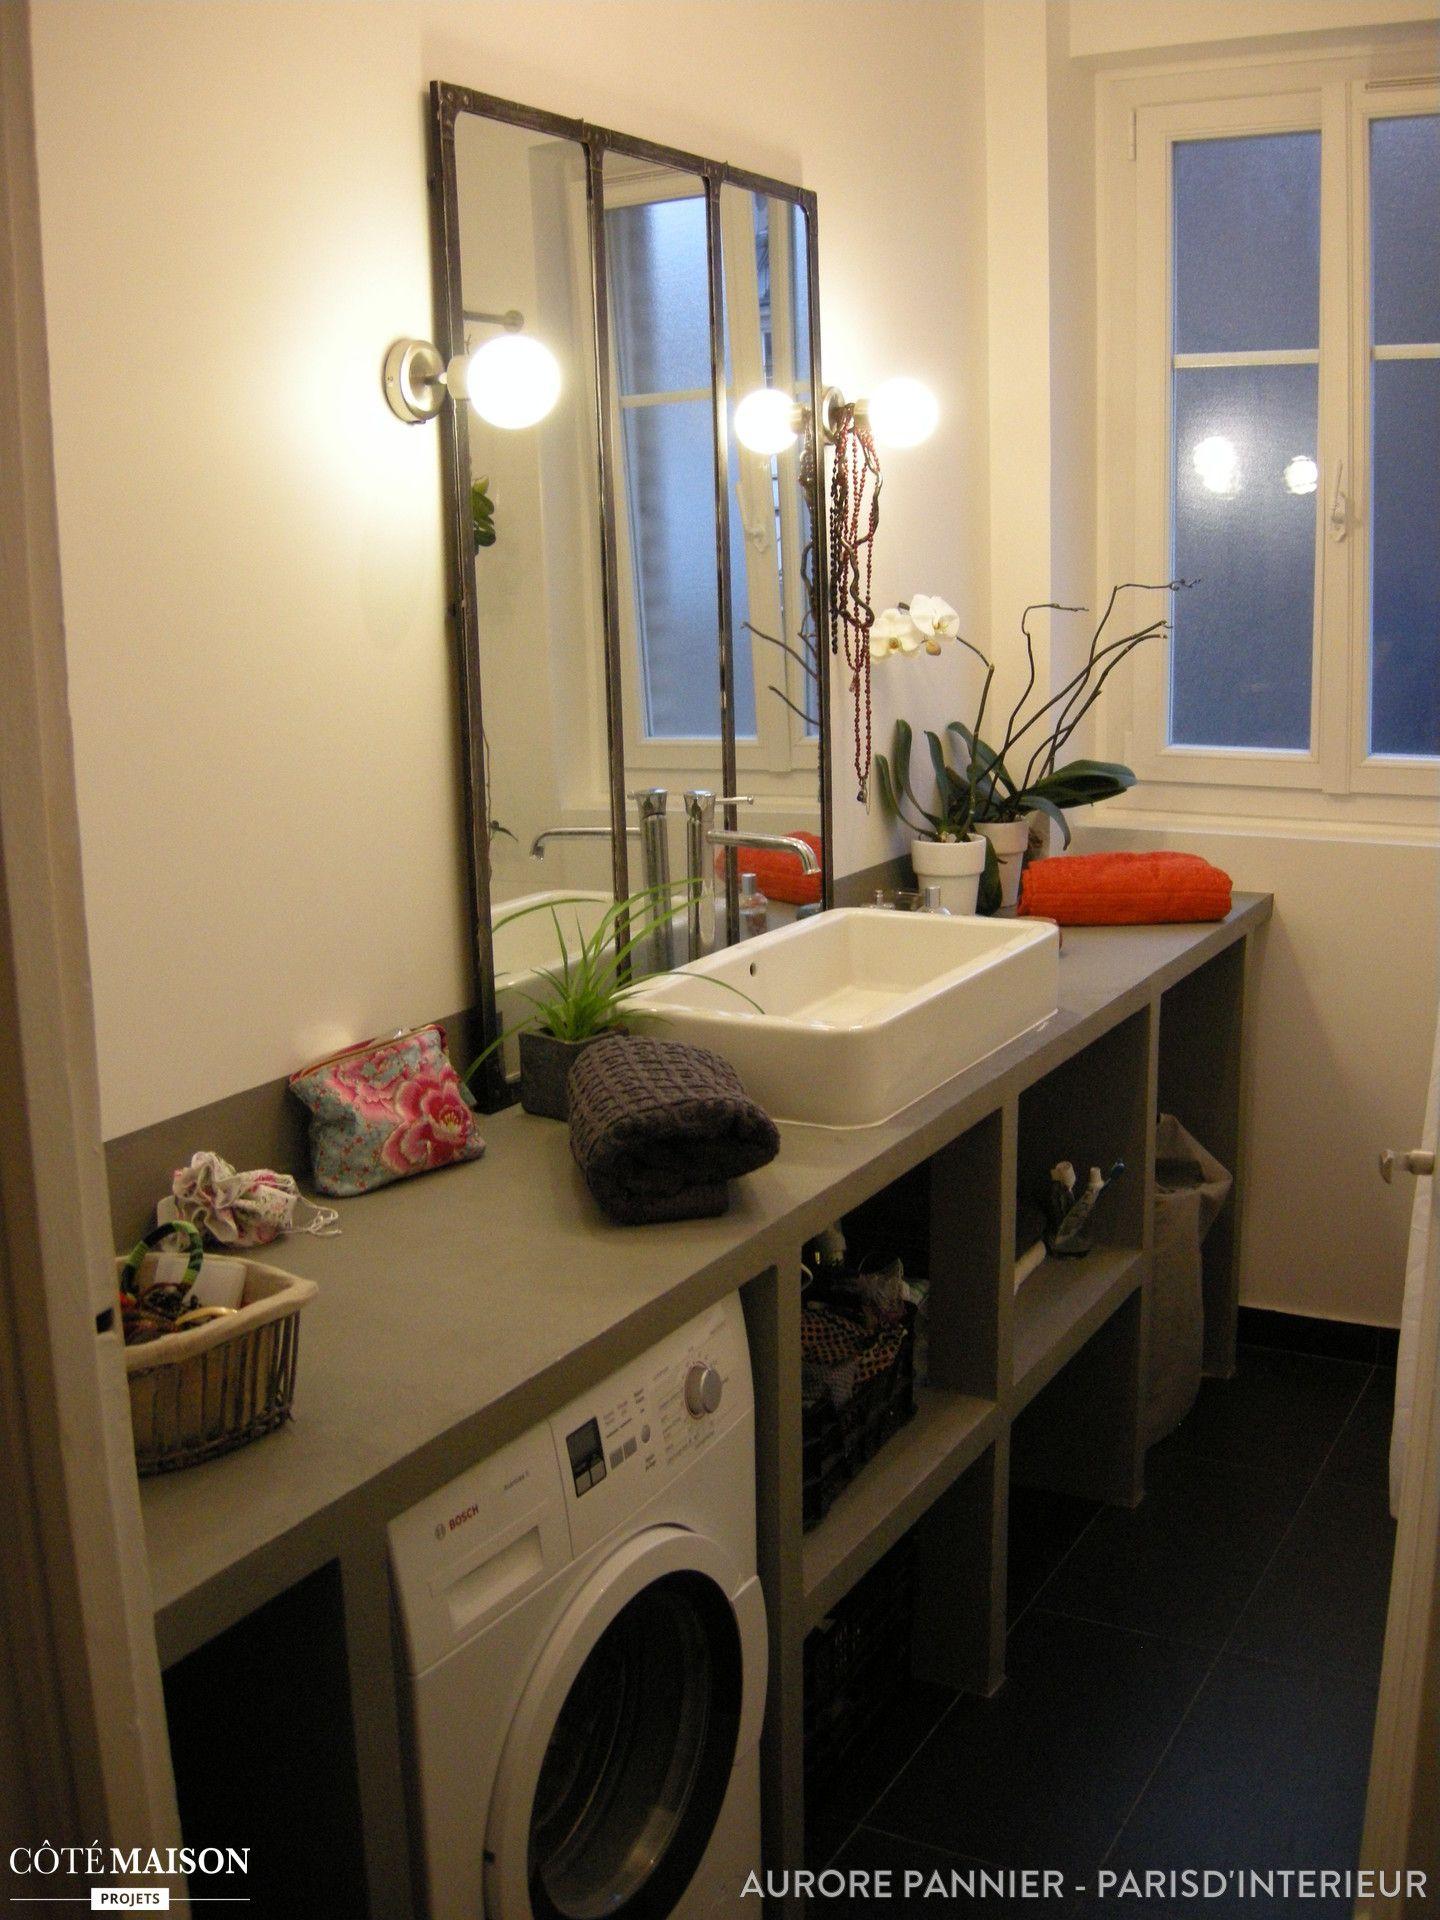 salle de bains industrielle aurore pannier c t maison petits espaces pinterest salle. Black Bedroom Furniture Sets. Home Design Ideas